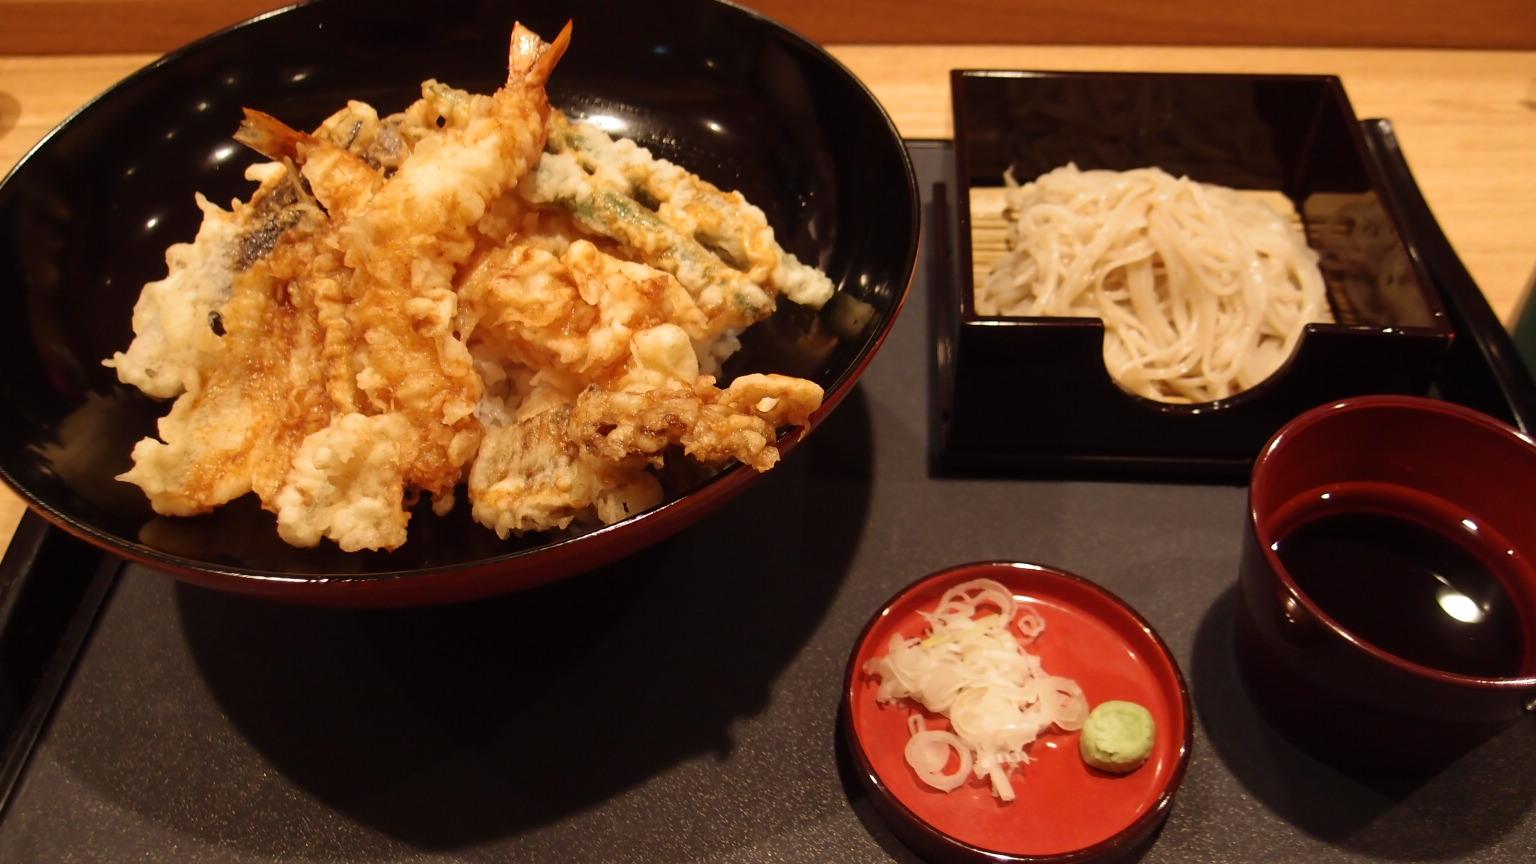 銀座 捨松 たまげた天丼と会津そば